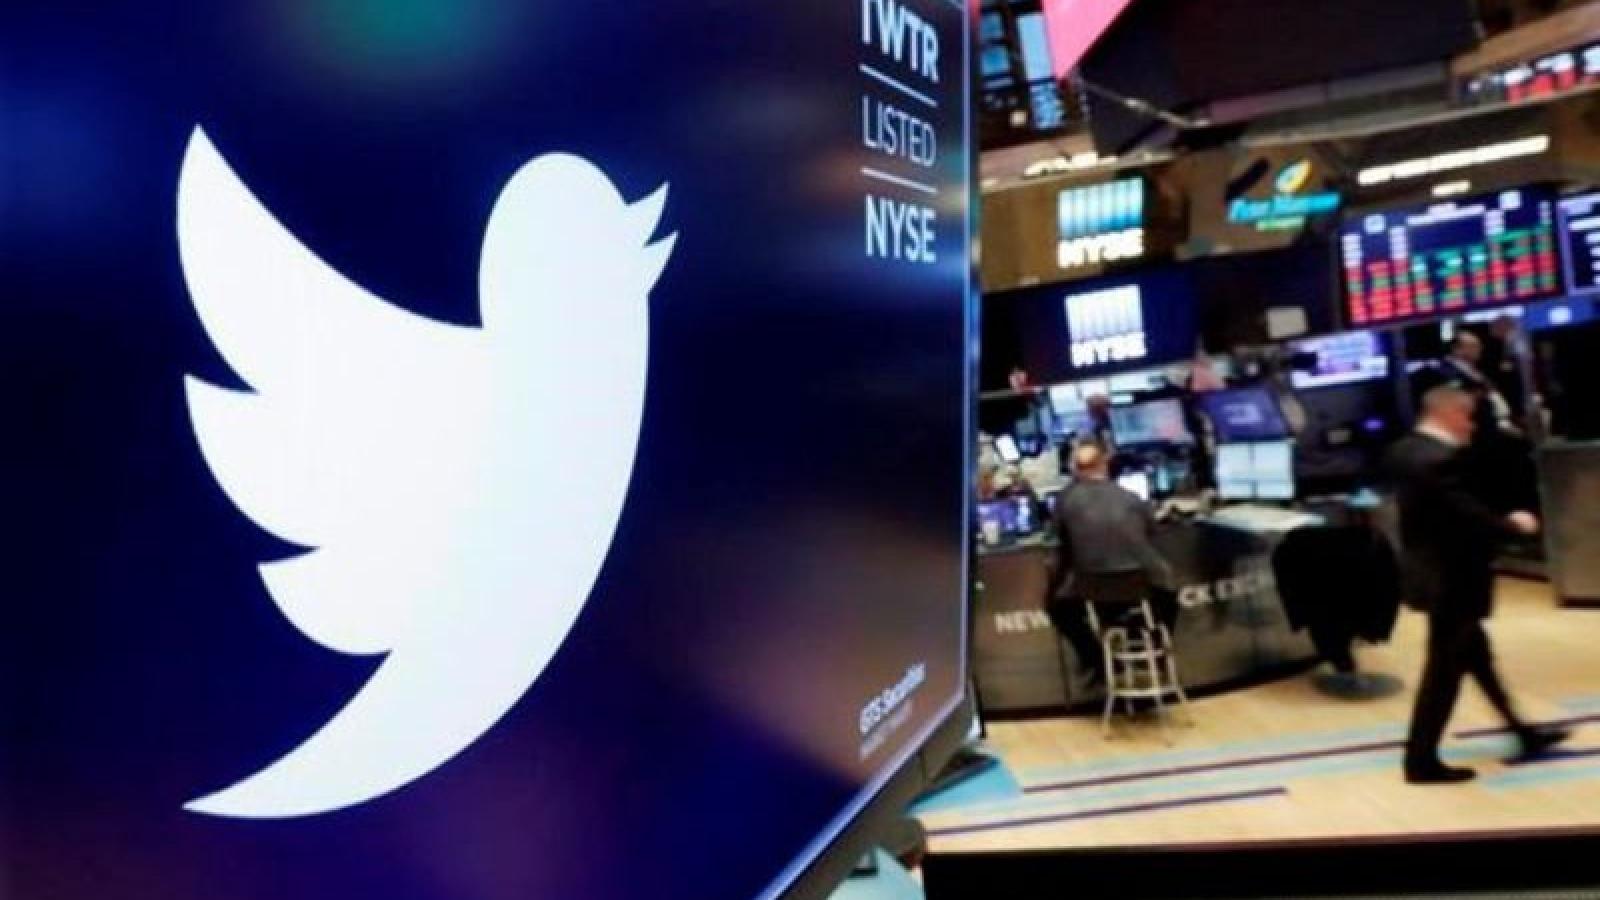 Người dân Canada được phép kiện Twitter vì tội phỉ báng nhân phẩm